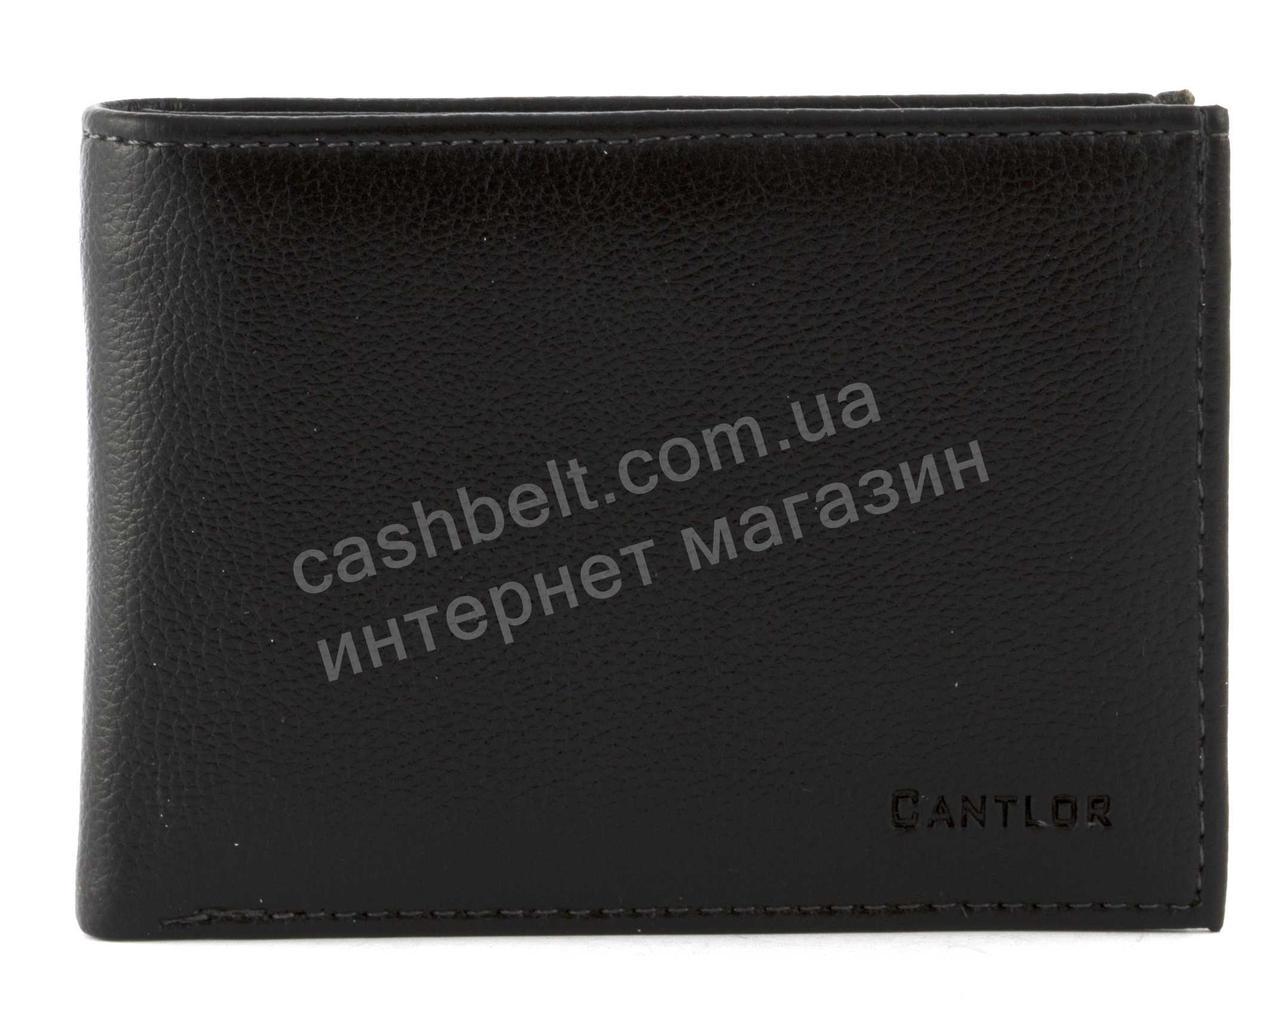 Шкіряний чорний акуратний чоловічий гаманець з затиском для грошей CANTLOR art. G-161C чорний